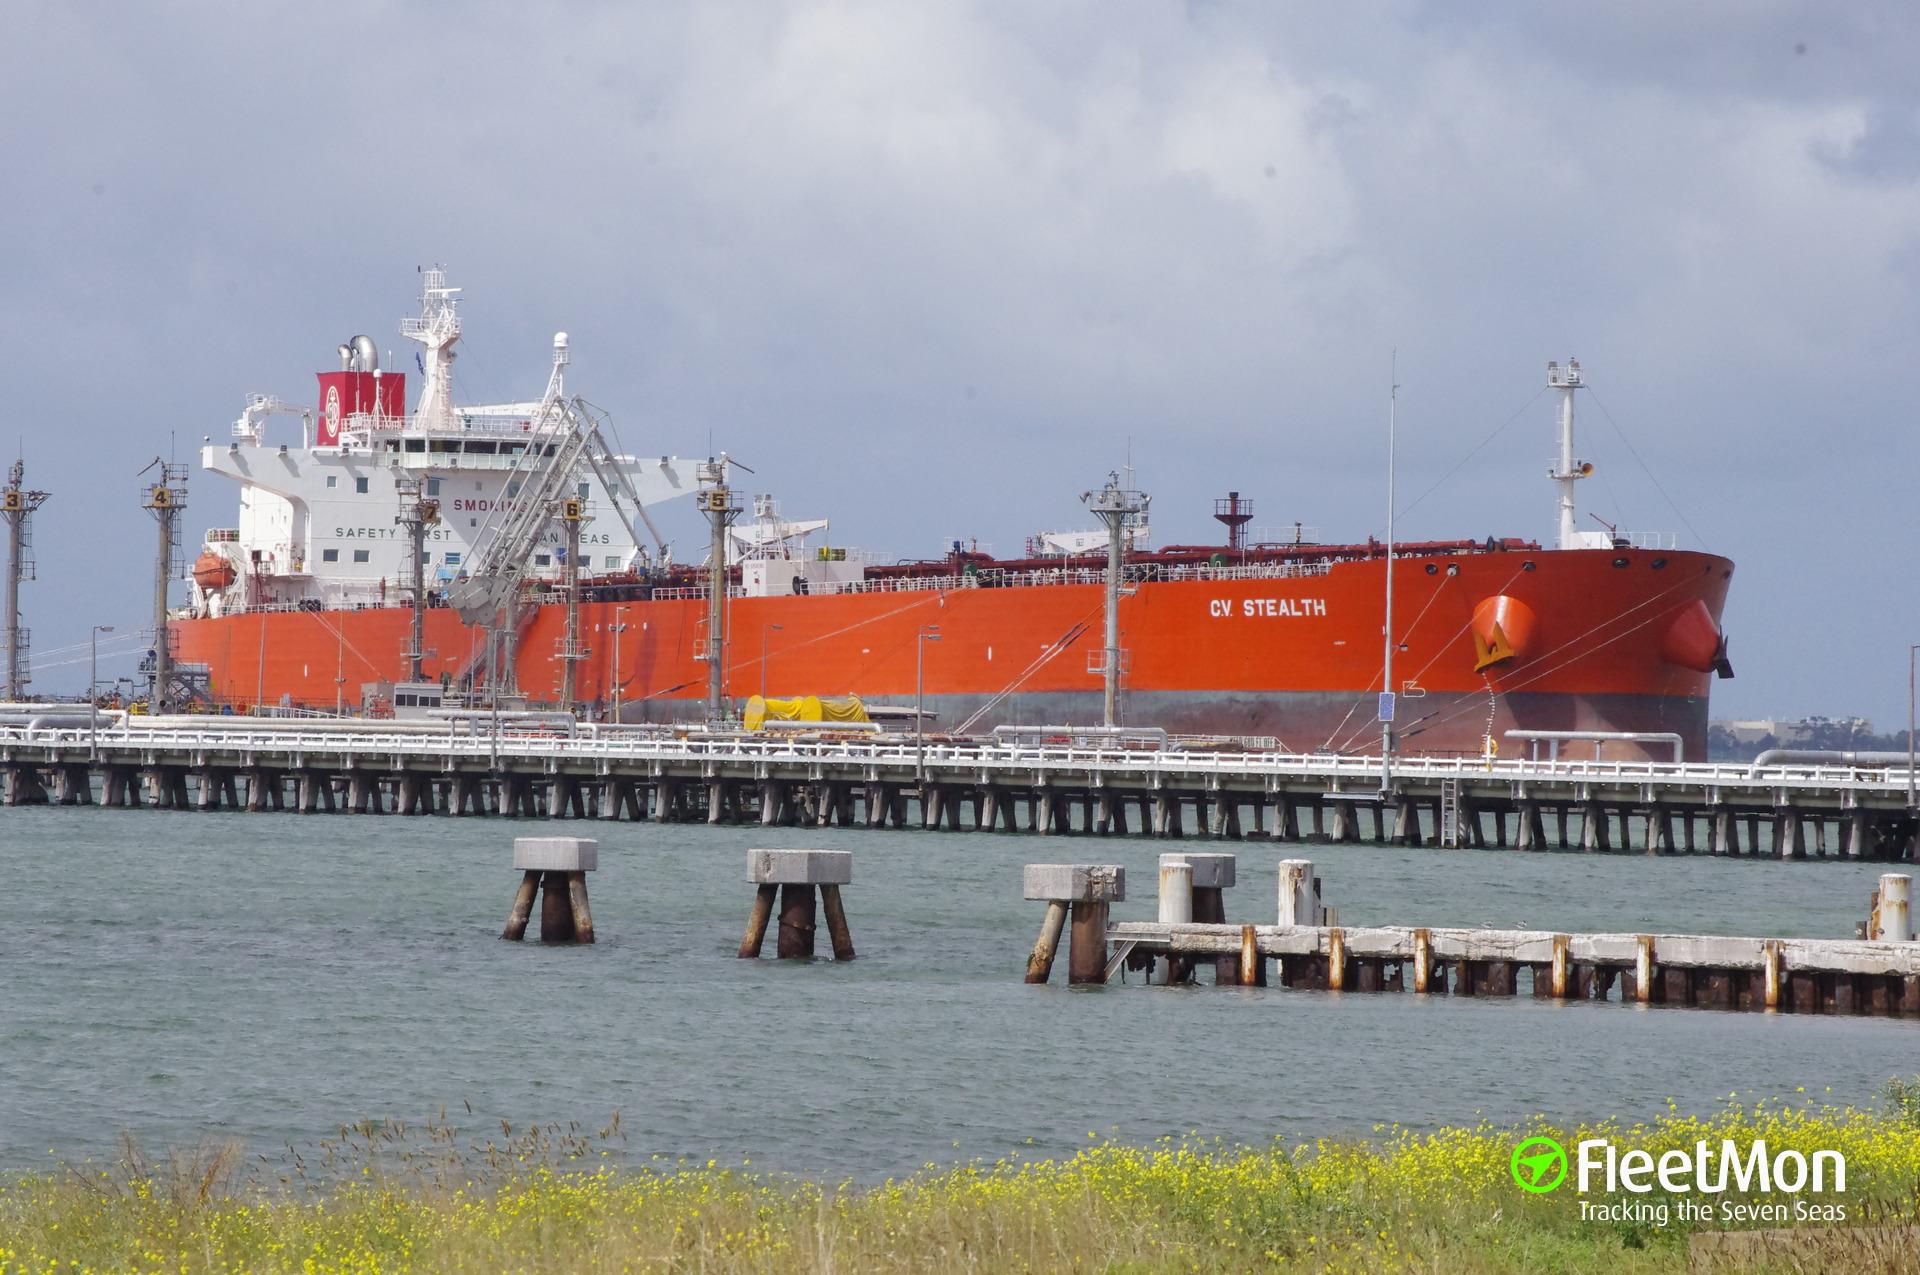 Aframax tanker CV Stealth under arrest in Venezuela for 4 months, operator denies charges